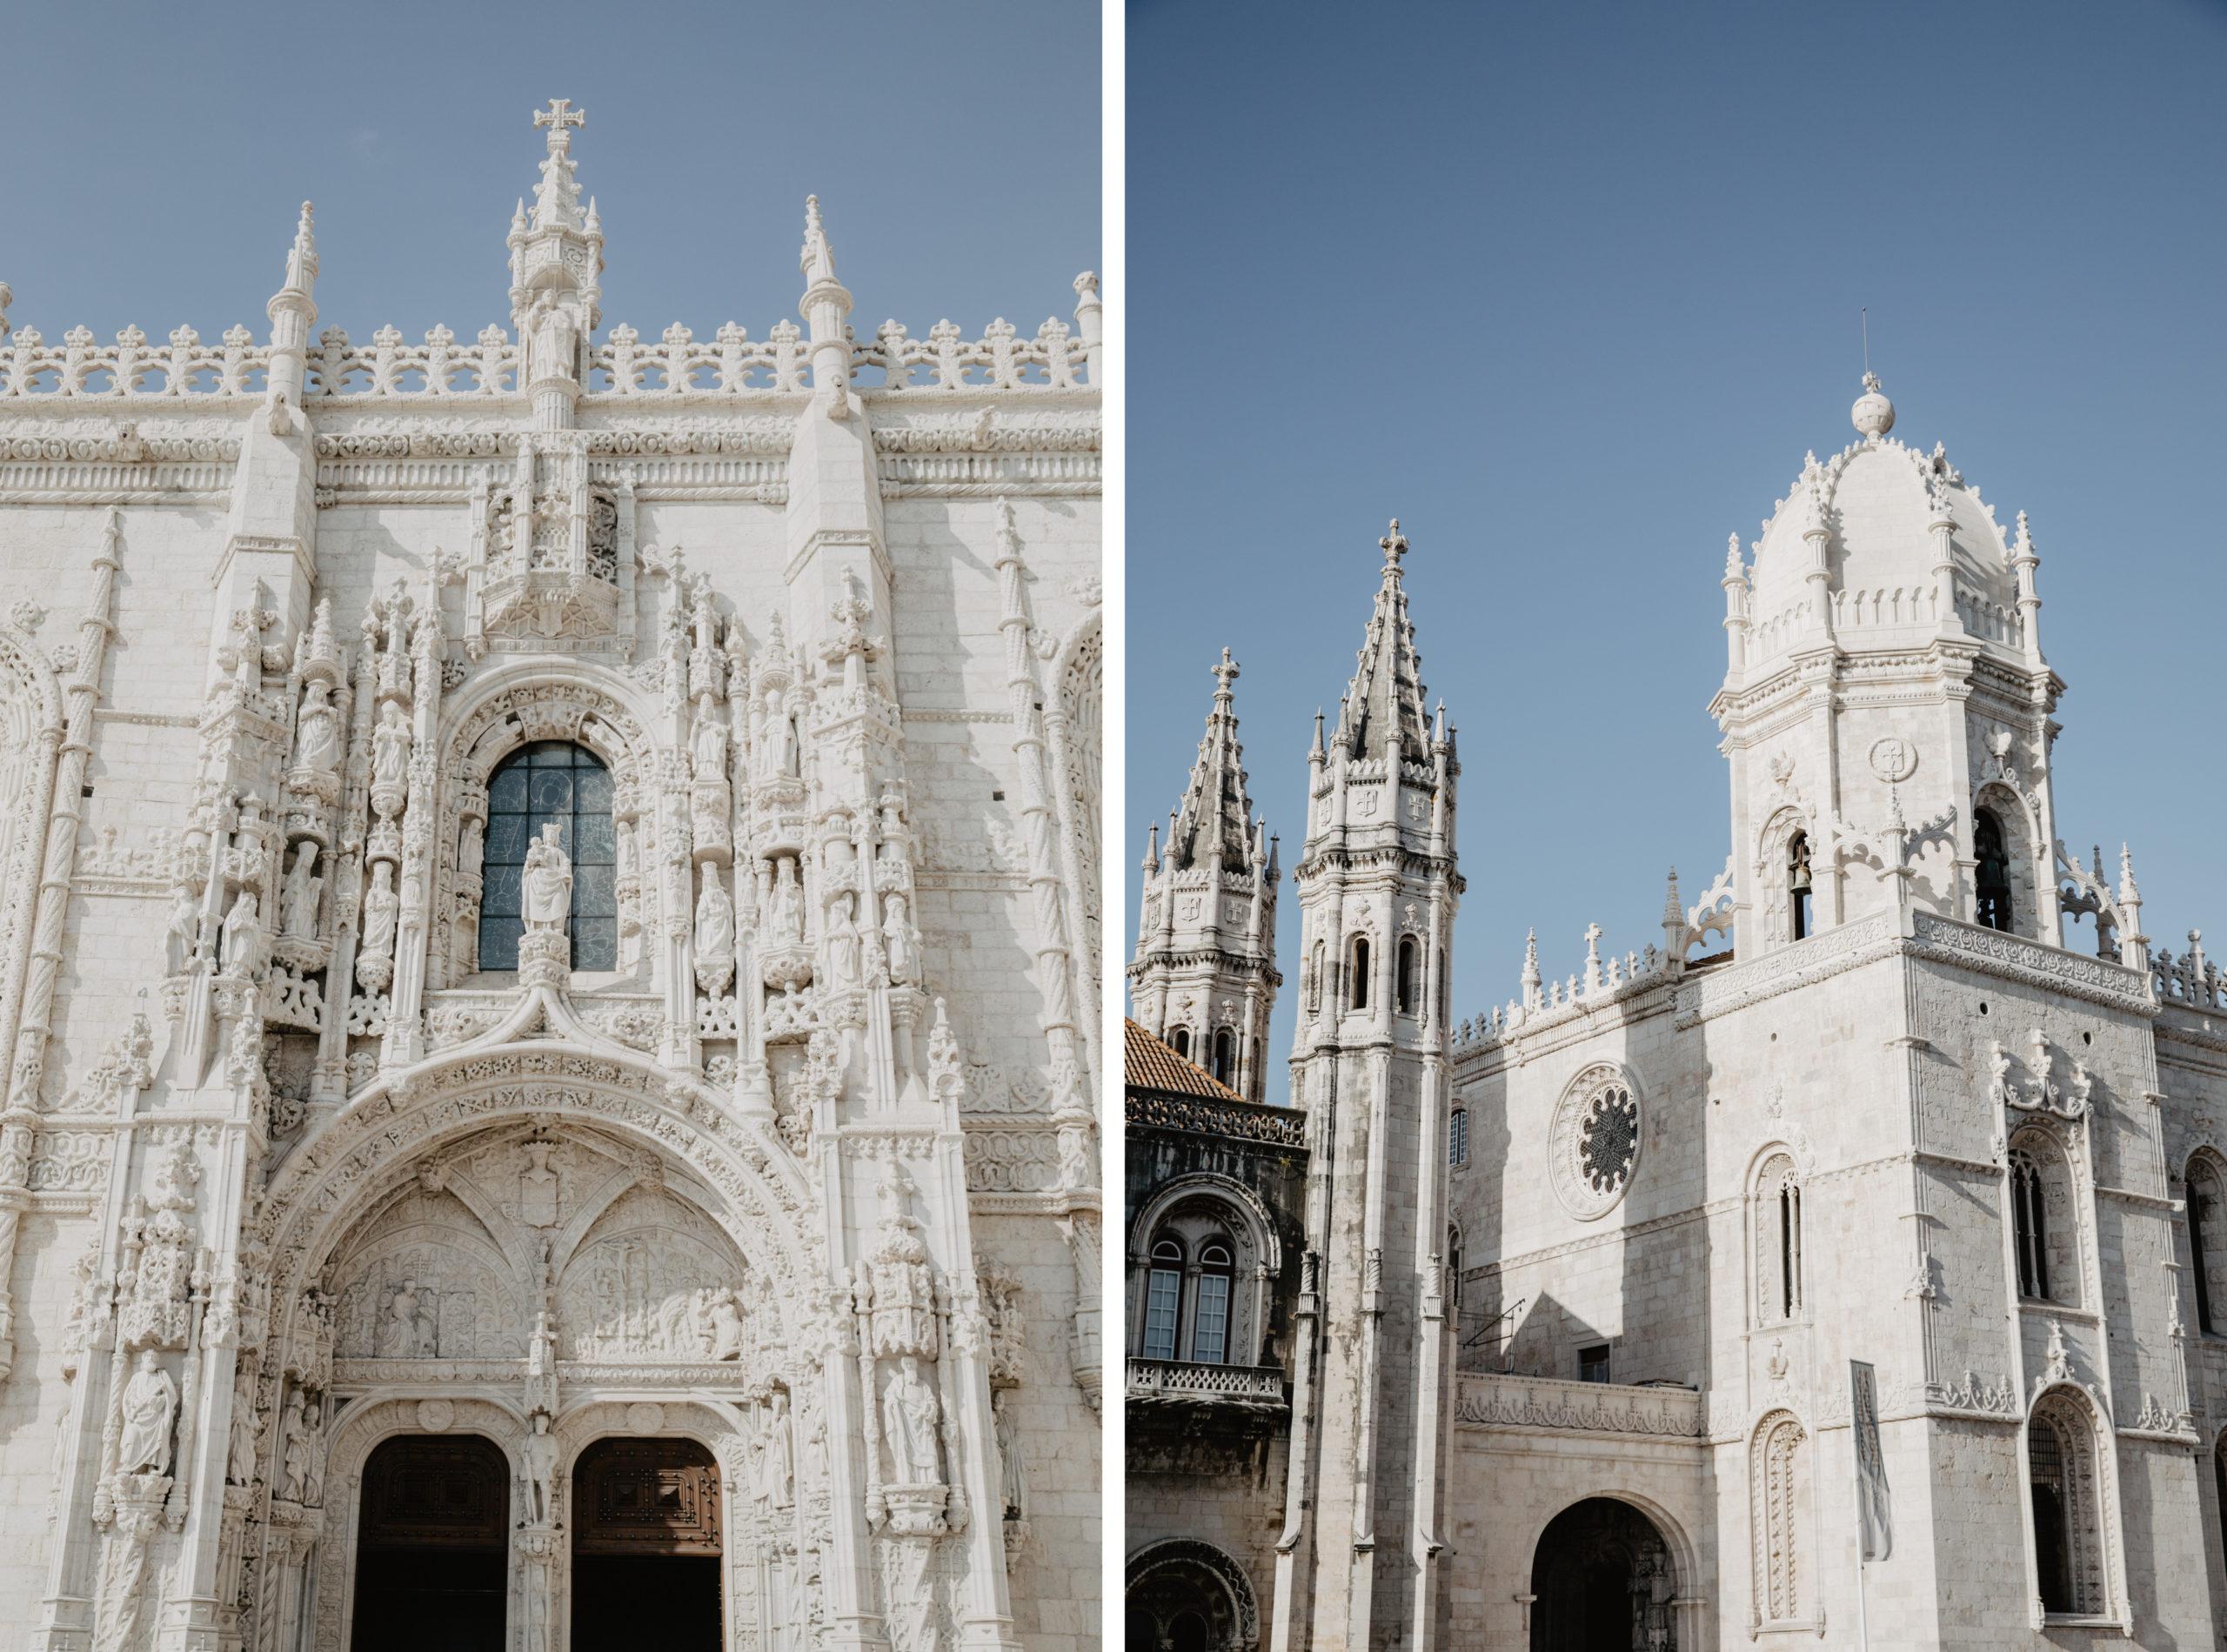 Das Kloster Mosteiro dos Jerónimos in Belém ist UNESCO Weltkulturerbe Sehenswürdigkeiten Highlights Lissabon